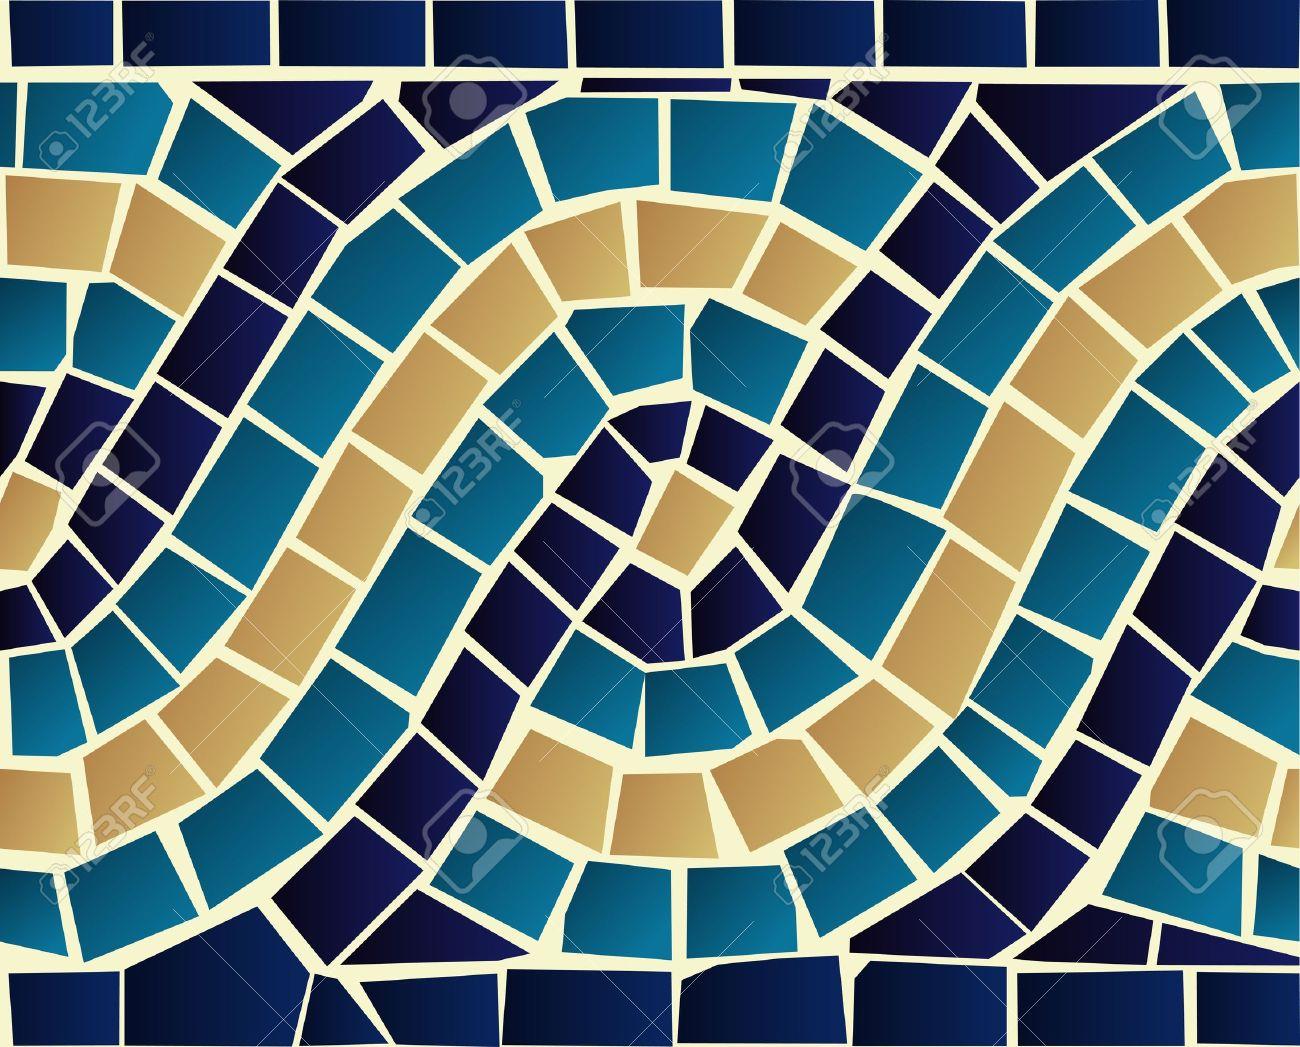 marine stil blaue welle mosaik nahtlose muster hintergrund vektor datei fr eine einfache handhabung - Mosaik Muster